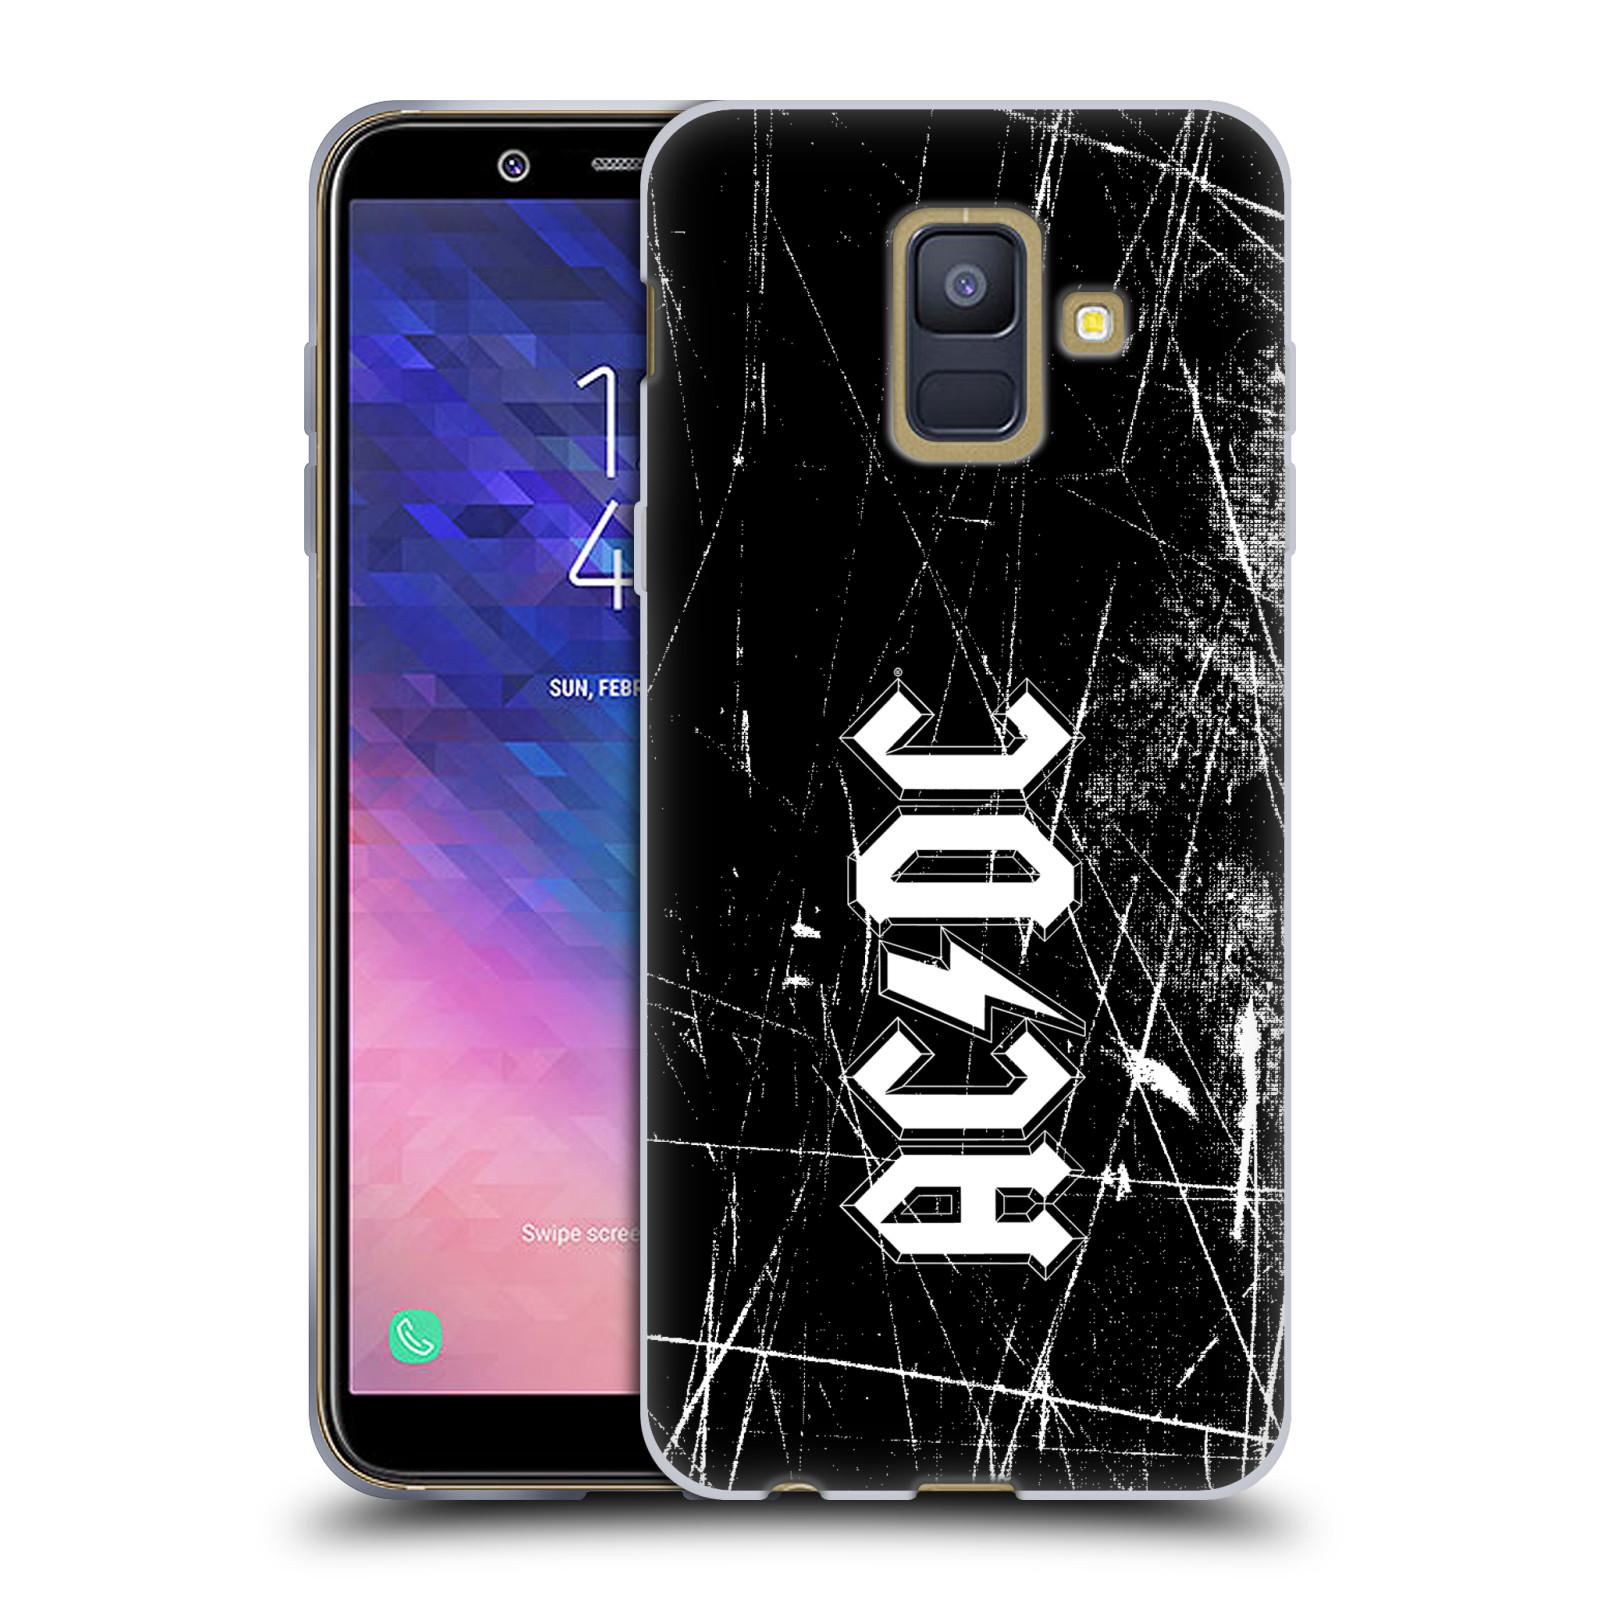 Silikonové pouzdro na mobil Samsung Galaxy A6 (2018) - Head Case - AC/DC Černobílé logo